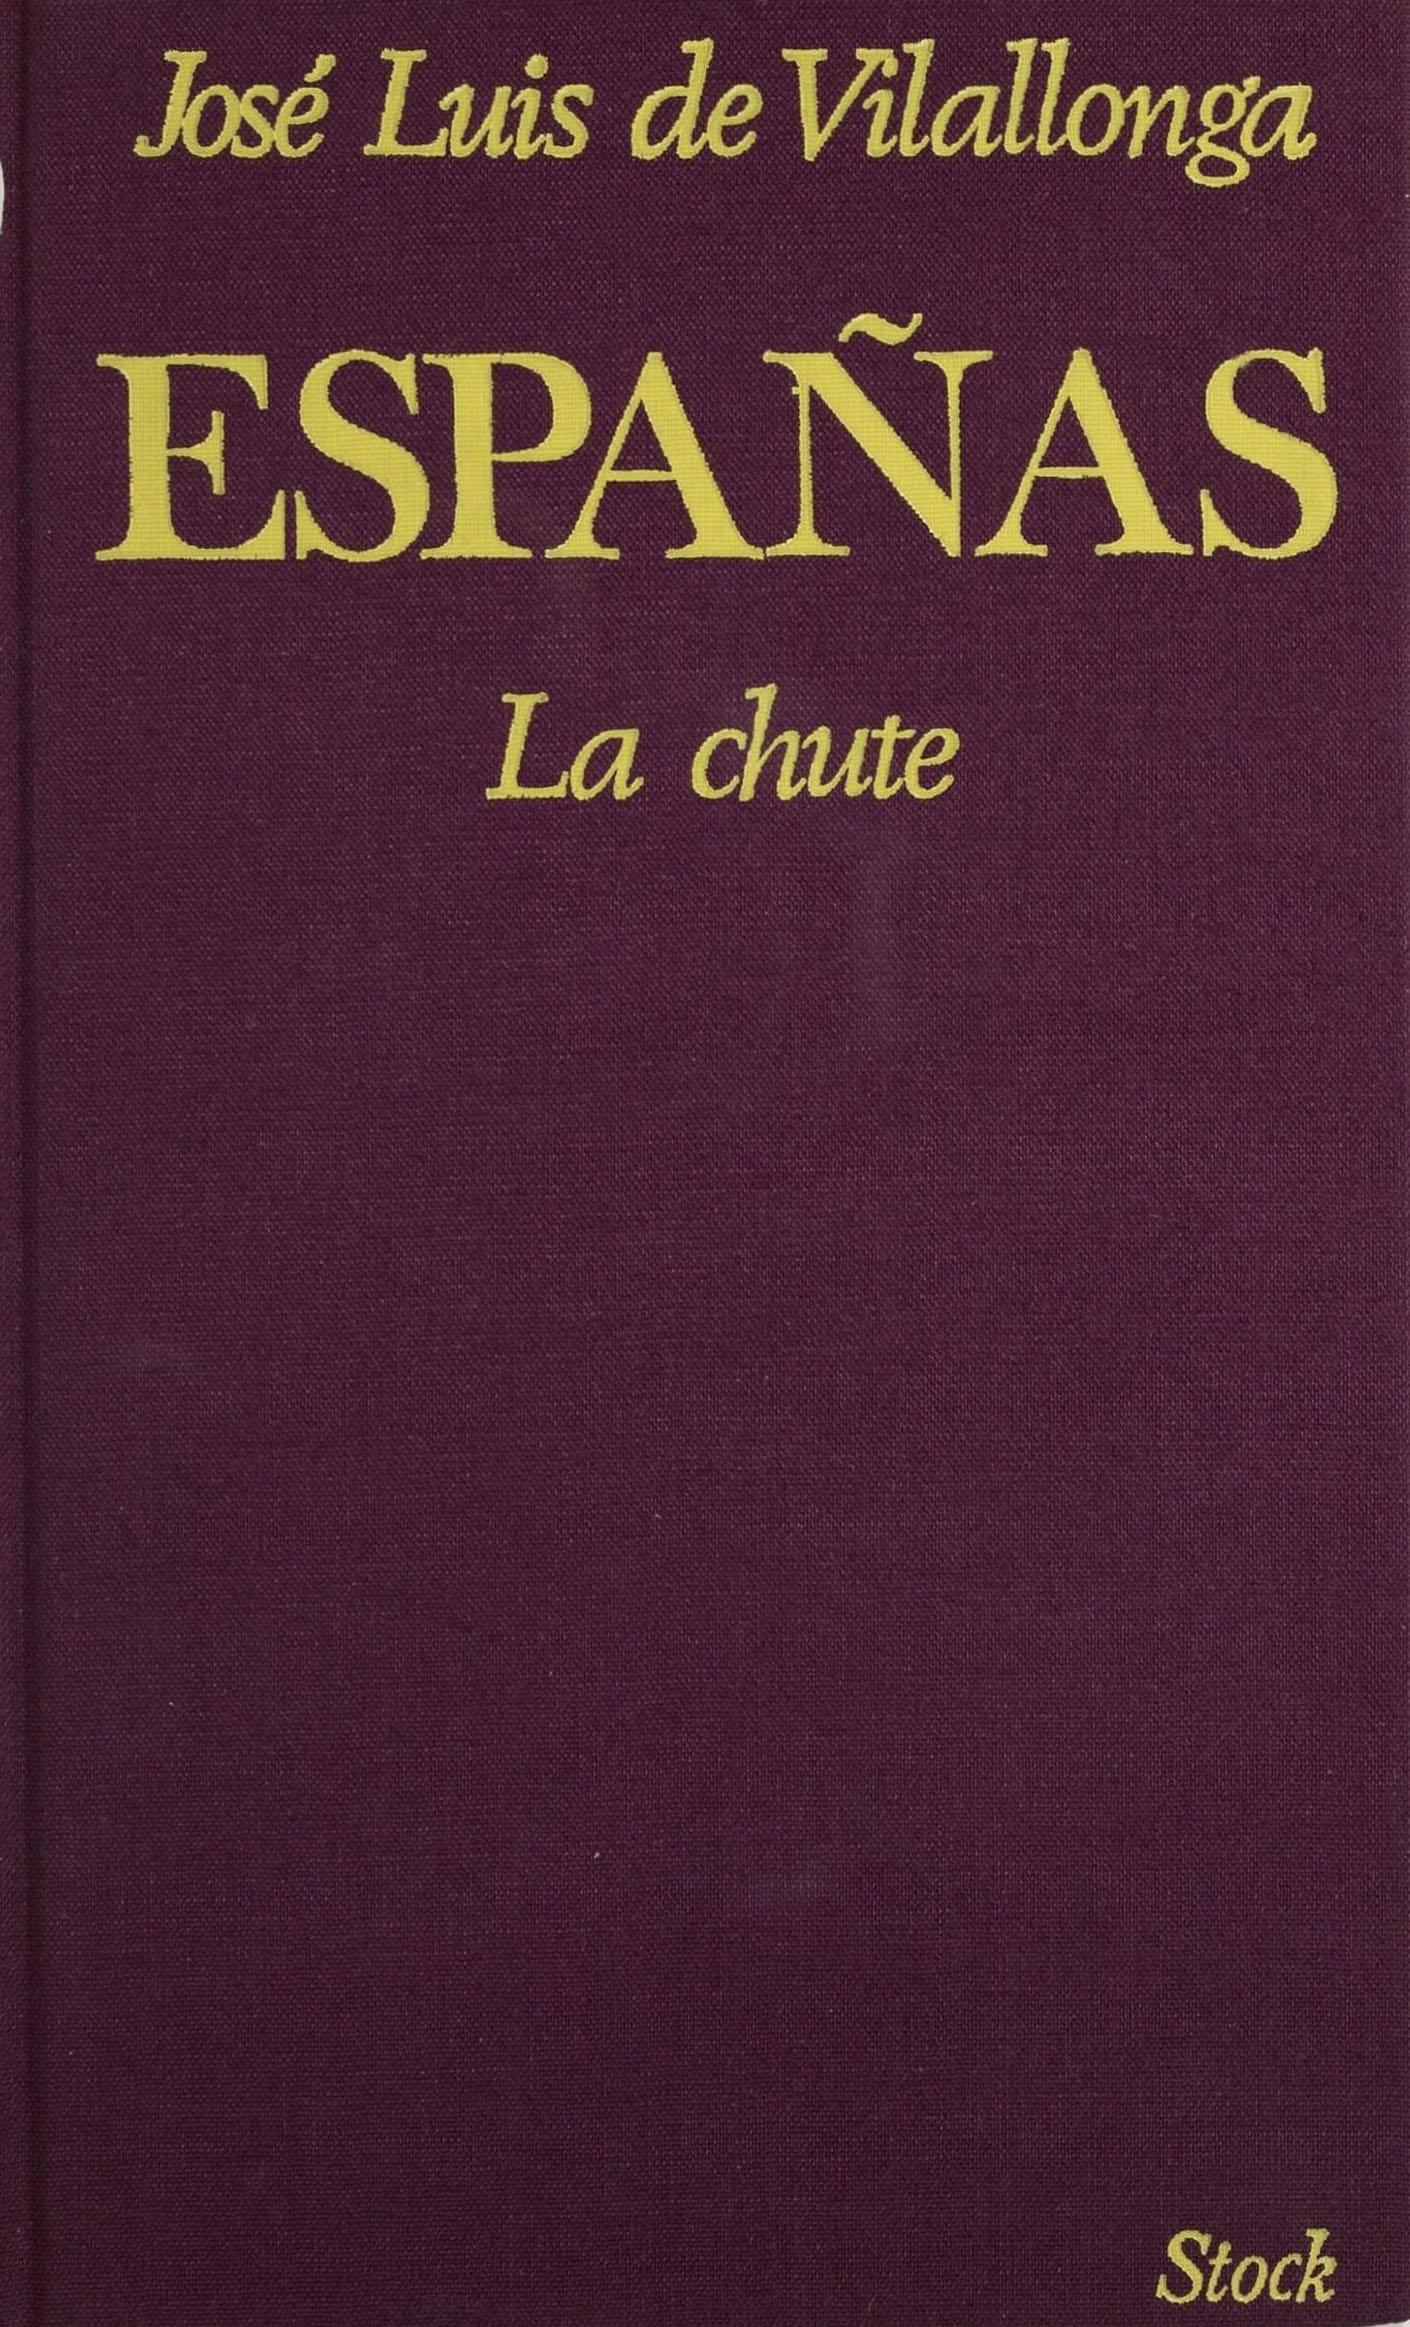 Españas (1), LA CHUTE